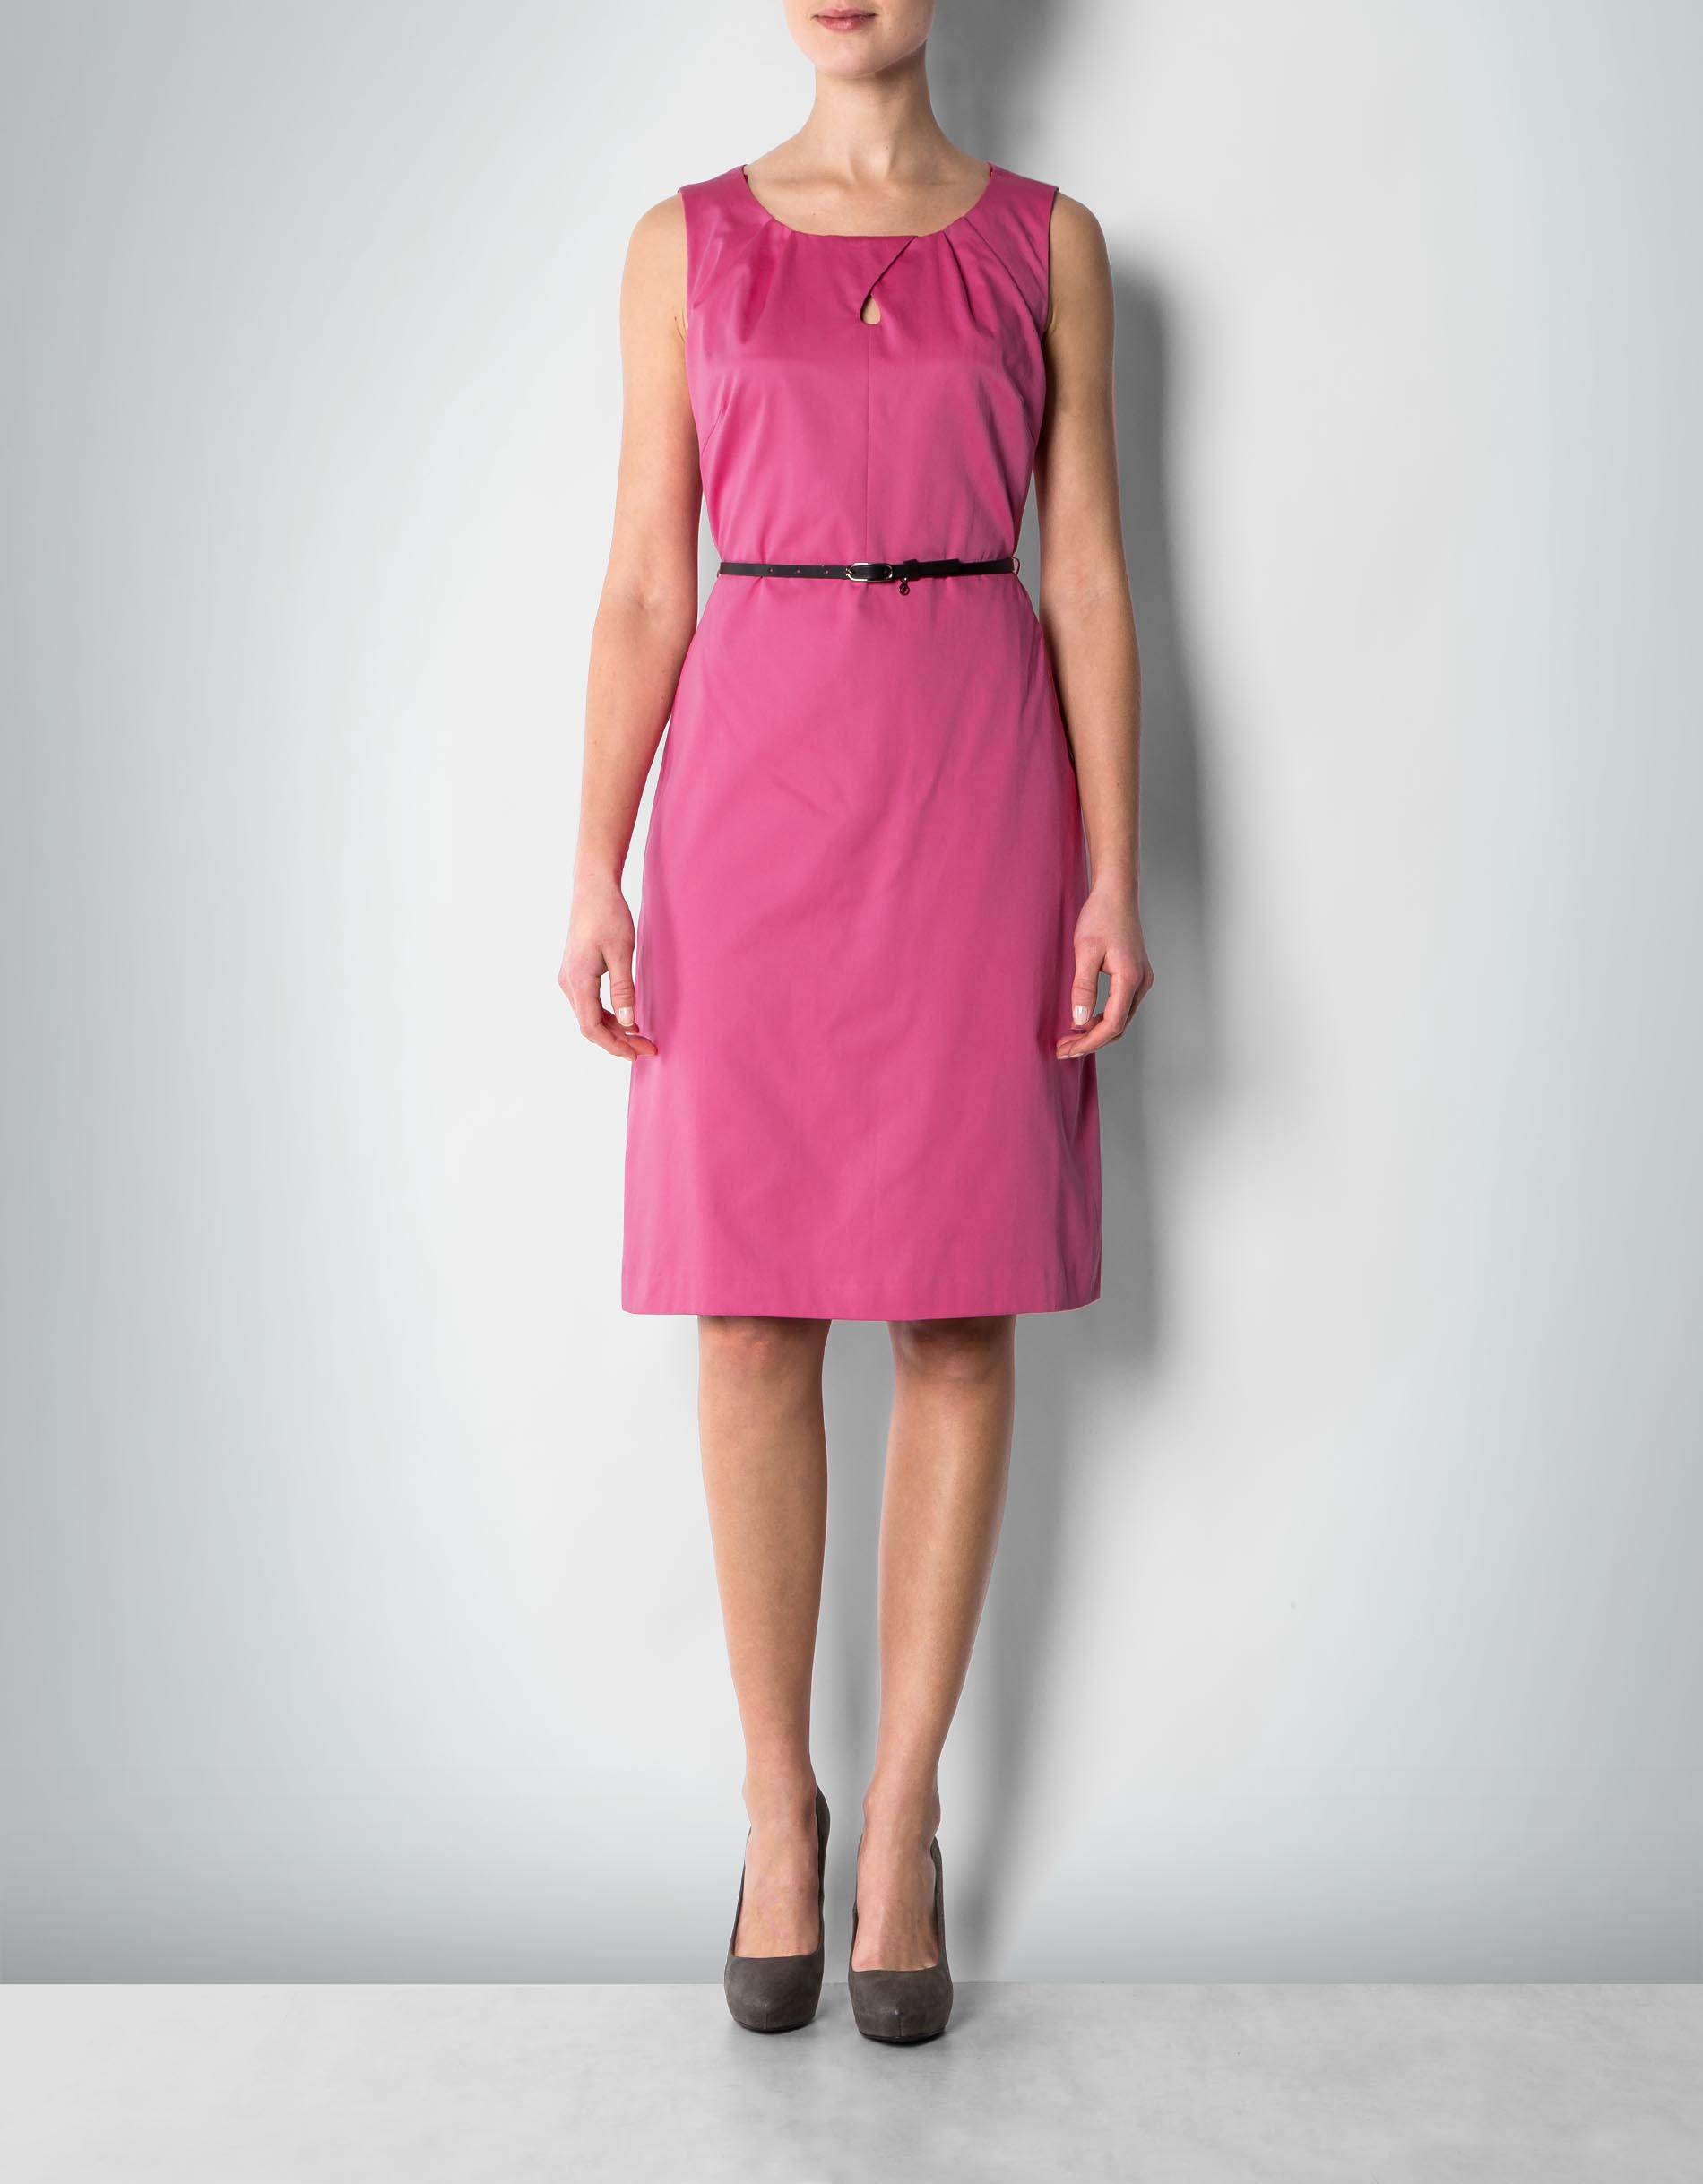 daniel hechter damen kleid pink etui in mattem glanz. Black Bedroom Furniture Sets. Home Design Ideas